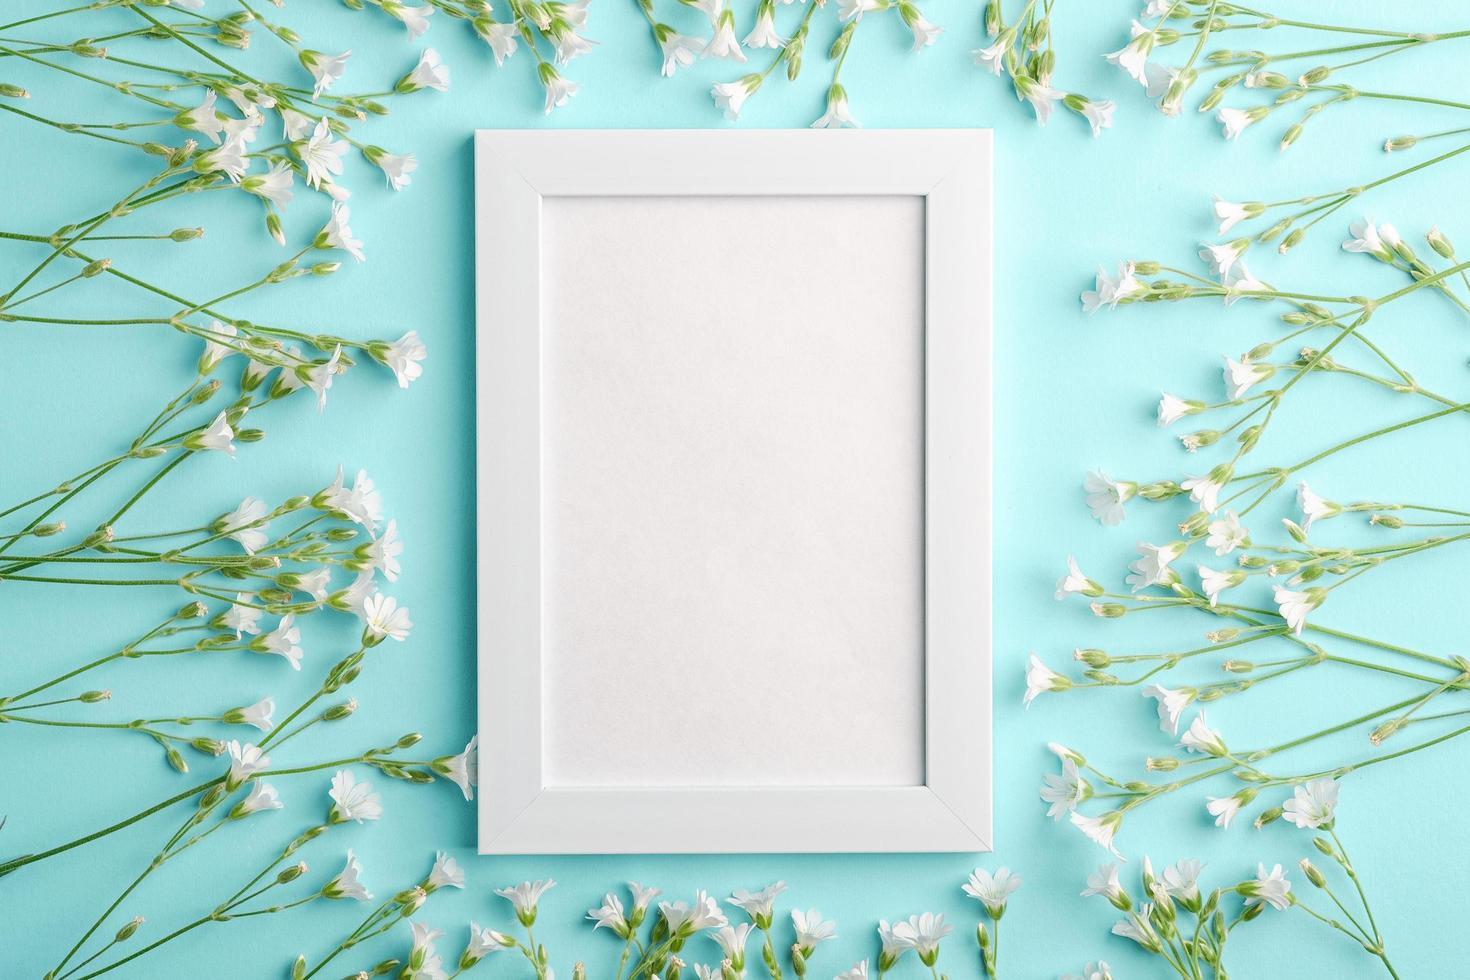 mockup di cornice bianca vuota con fiori di cerastio orecchio del mouse su sfondo blu foto